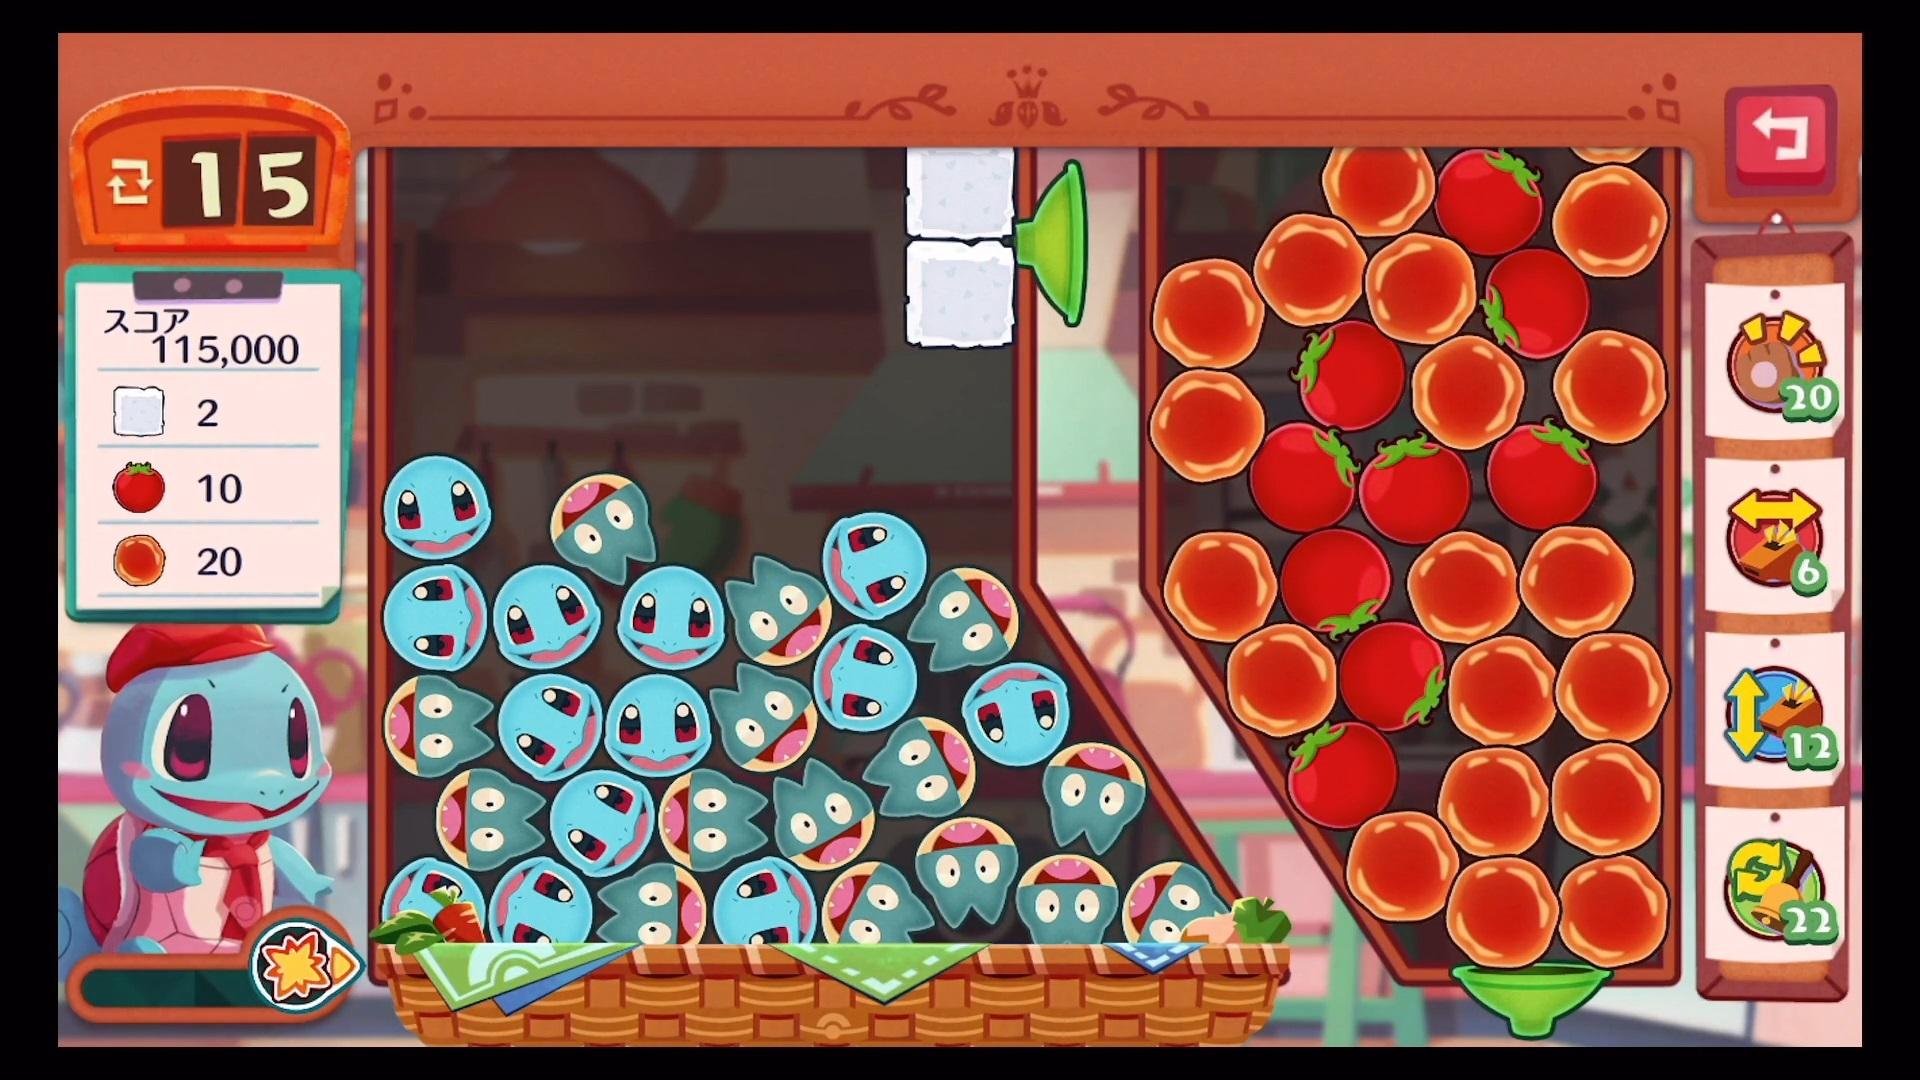 カフェ ミックス 156 ポケモン 『ポケモンカフェ ミックス』再現メニューが実際のポケモンカフェに8月8日から登場。ゲームを進めると注文できる特別メニューも